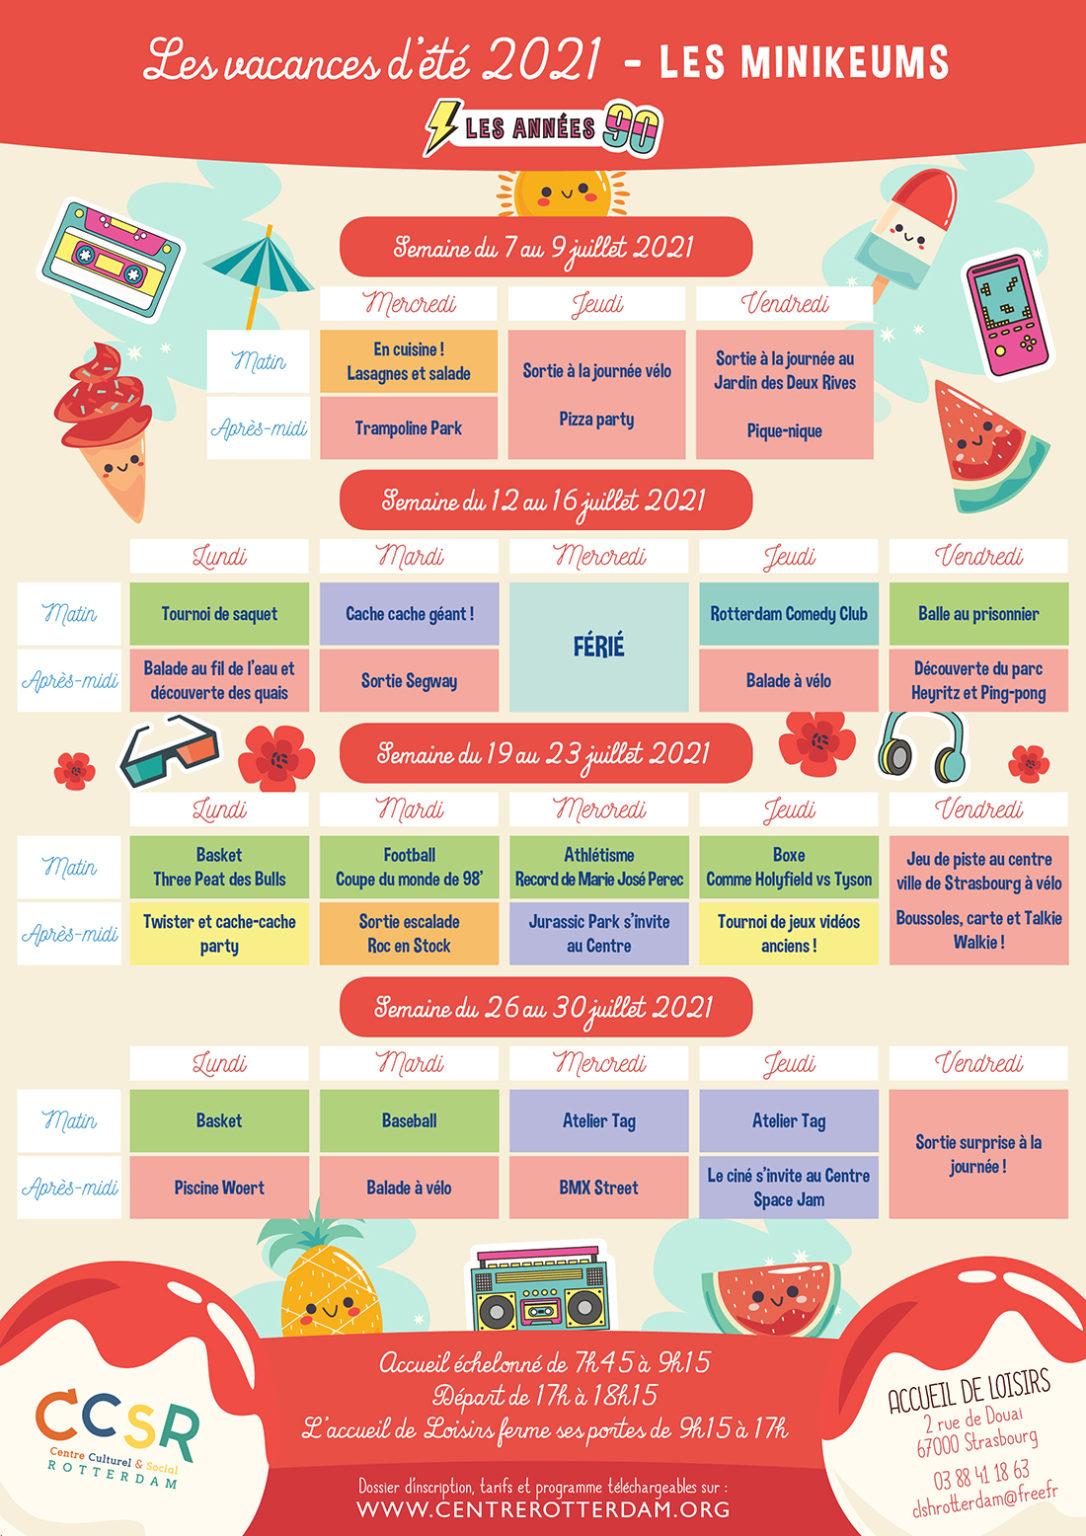 Programme vacances été 2021 - Minikeums